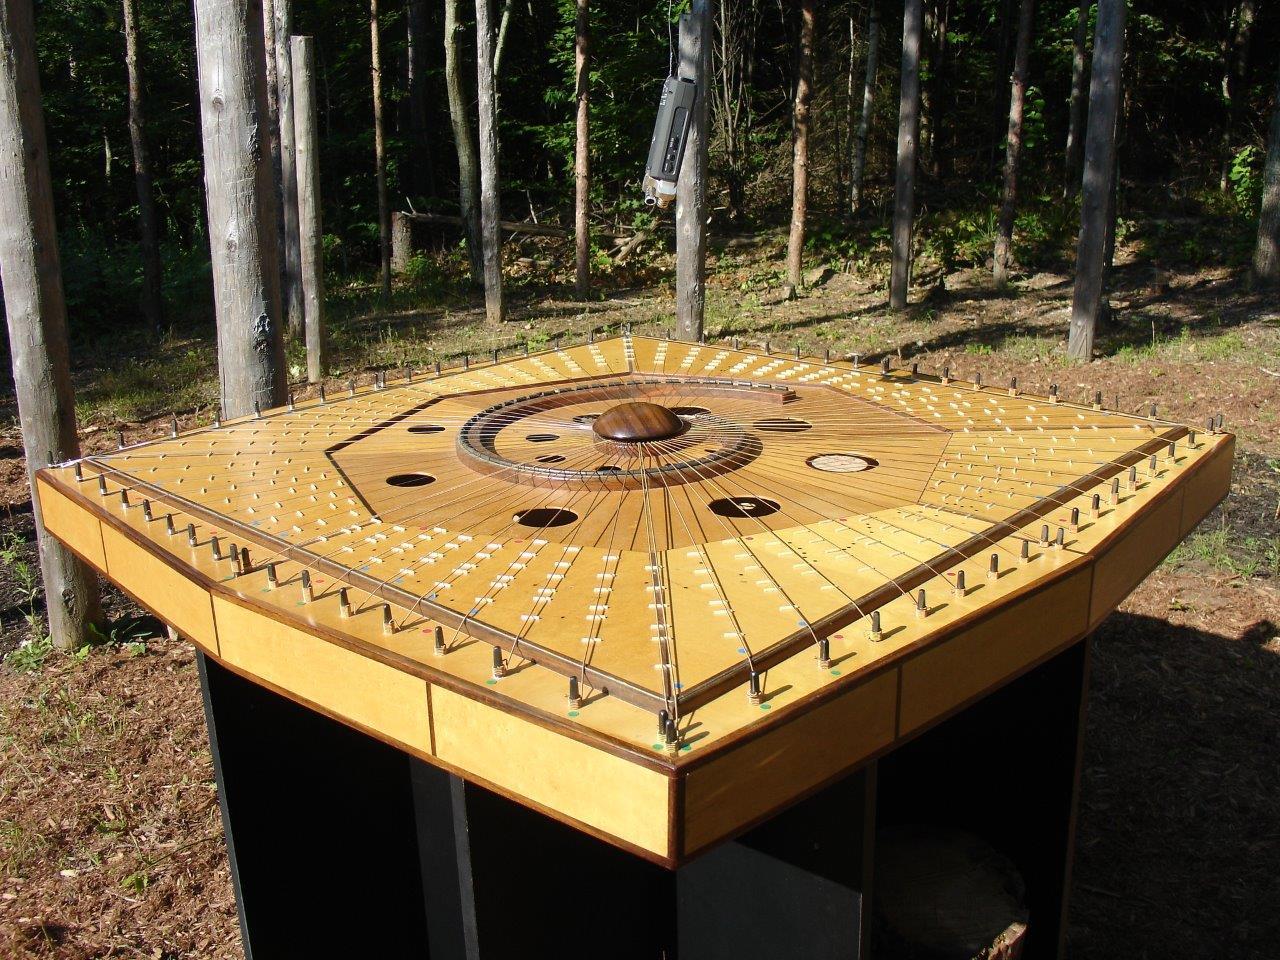 5c-Celestiall-Harp-Forest-Woodhenge-setup-202